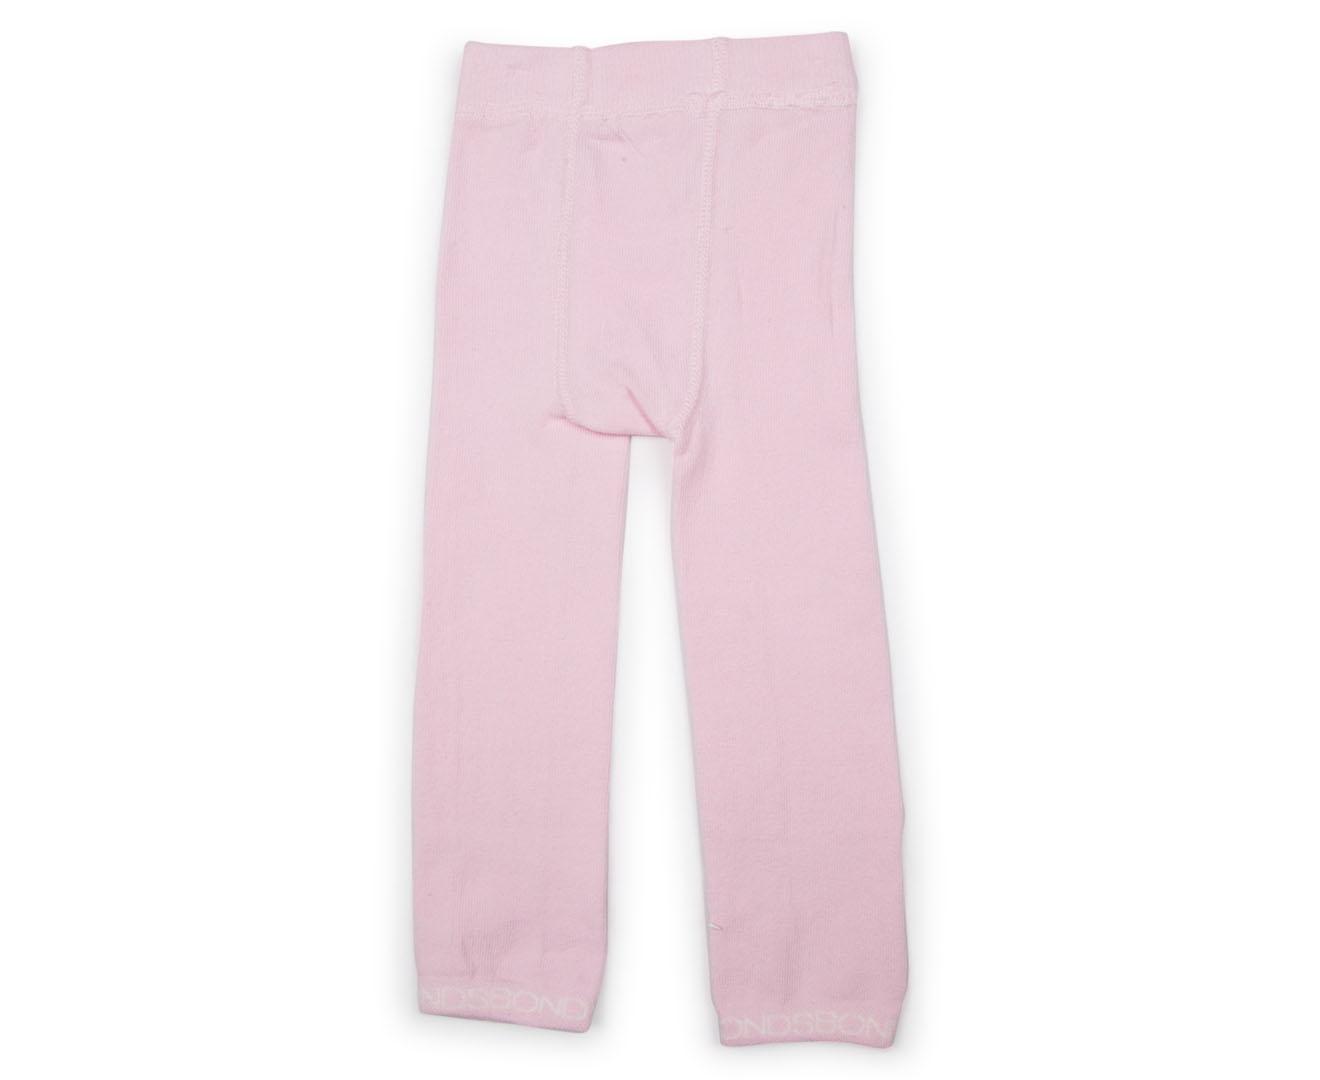 83c76d81d Bonds Baby Classic Leggings - Sweet Pink | Catch.com.au